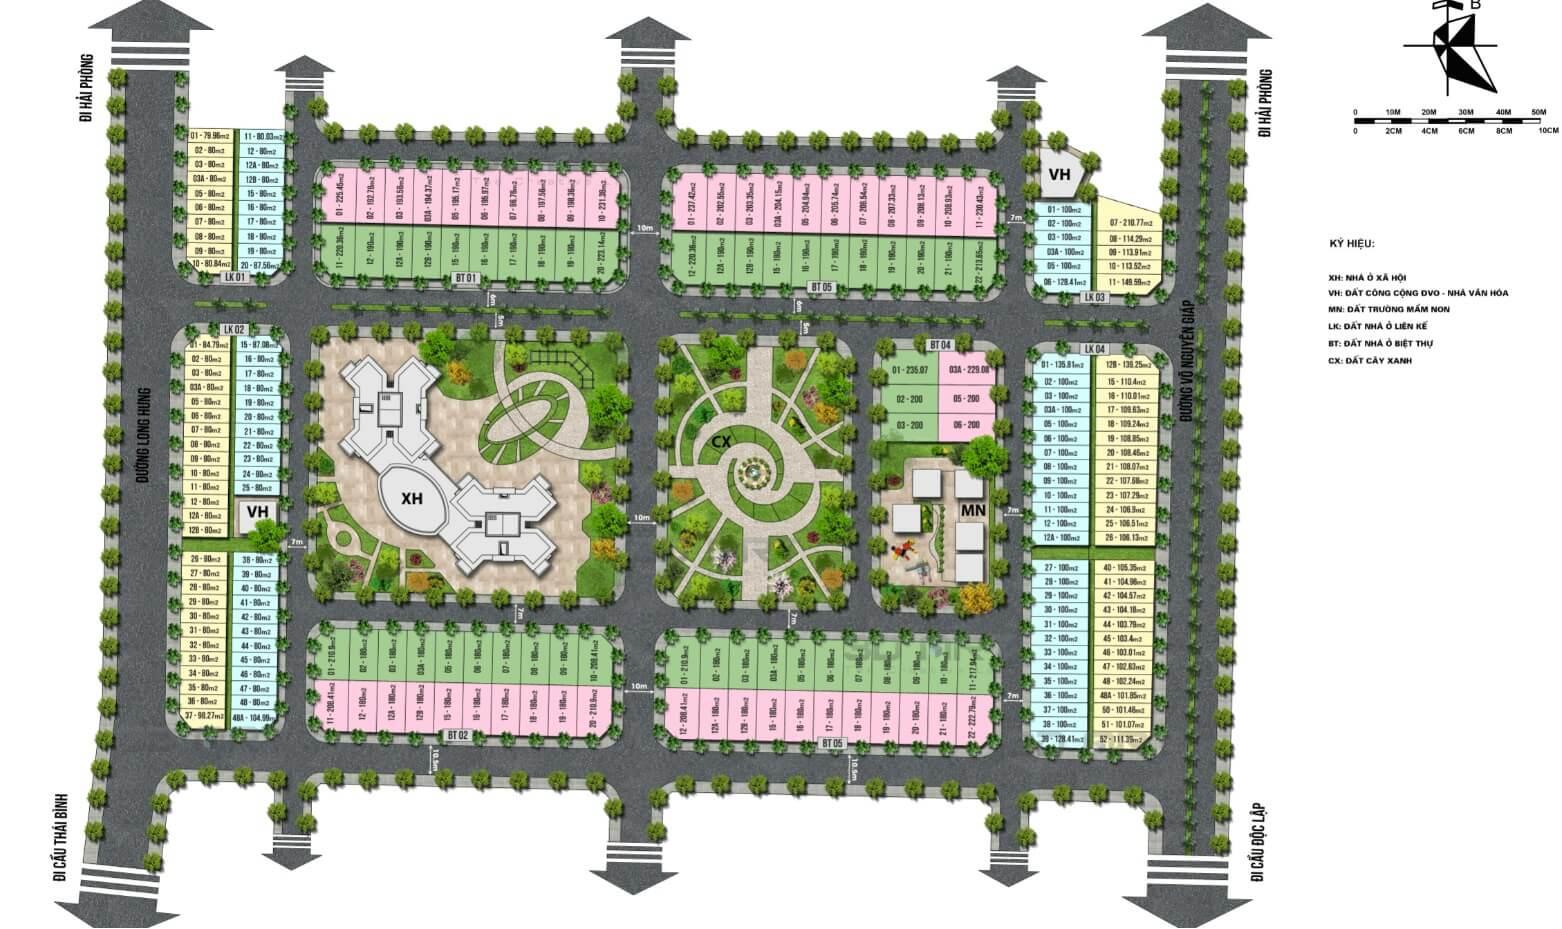 mặt bằng dự án tnr grand palace thái bình